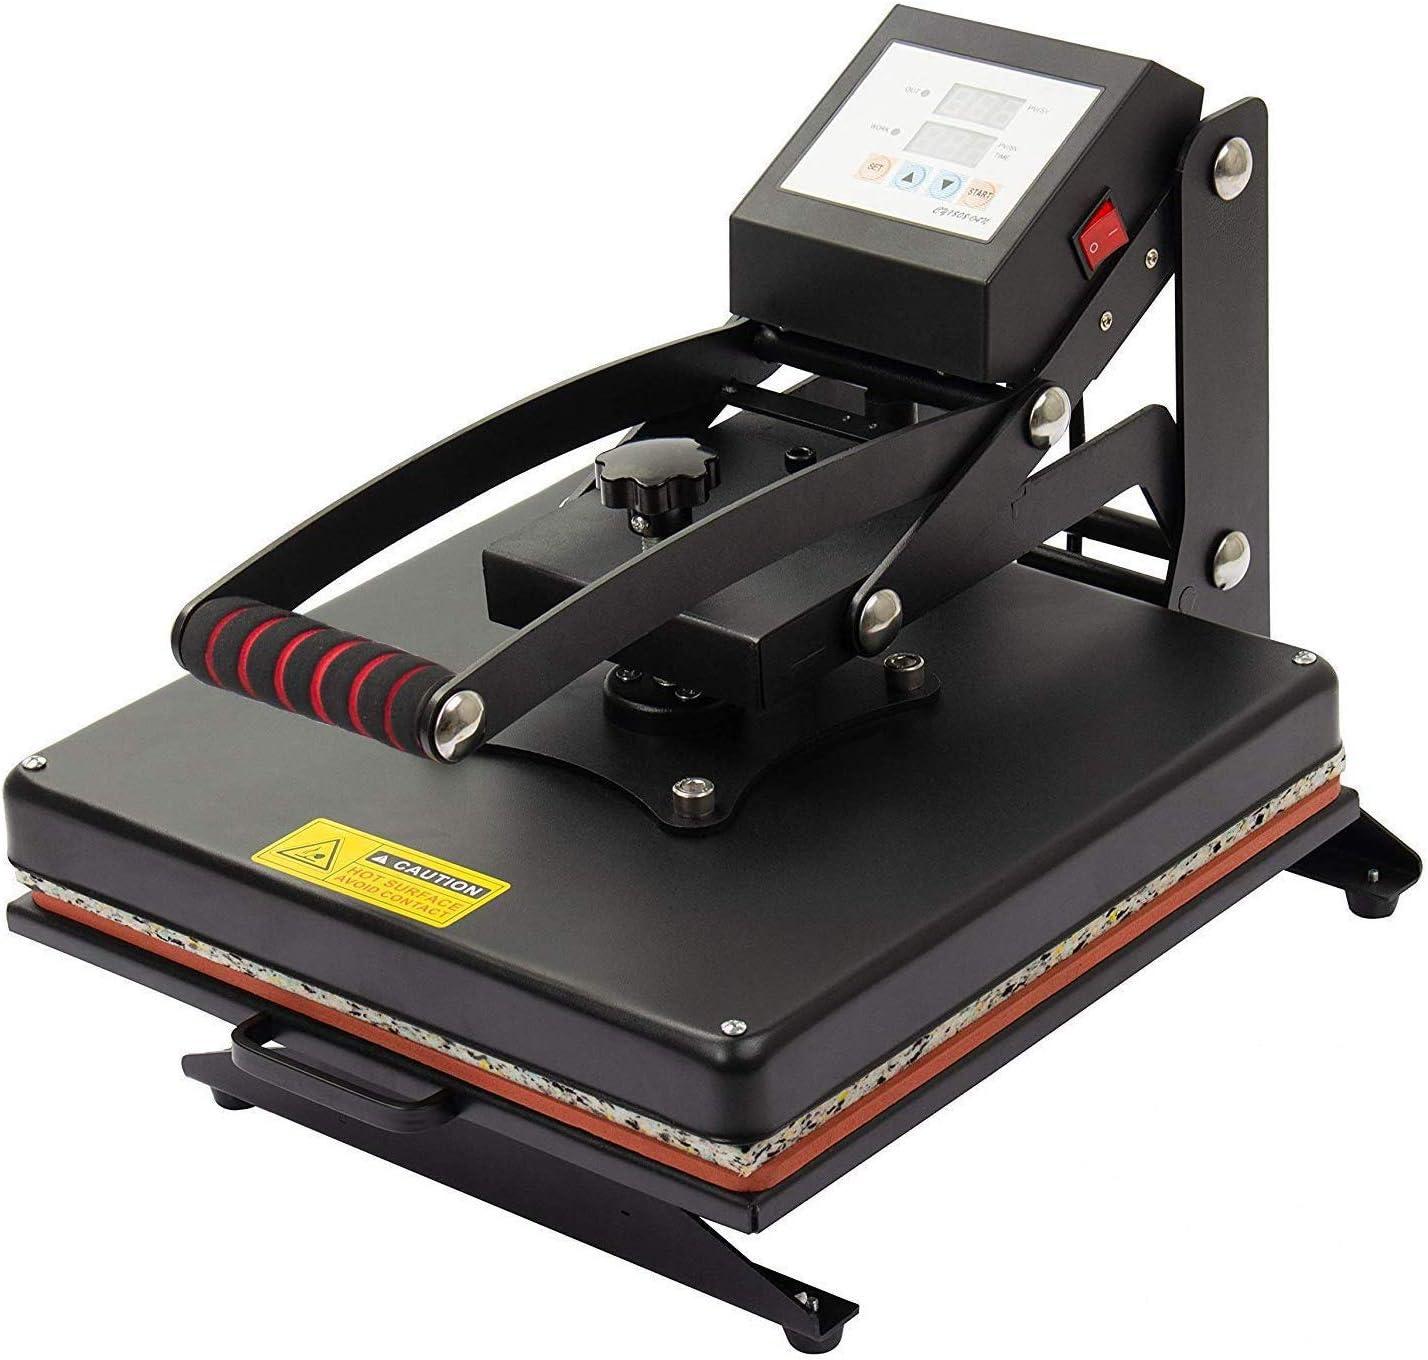 Display4top Prensa de Calor Maquina de Prensa de Calor Máquina de la sublimación de la transferencia de la prensa del calor de la camiseta, uso para industrial, profesional y casero (37.5cm x 37.5cm)